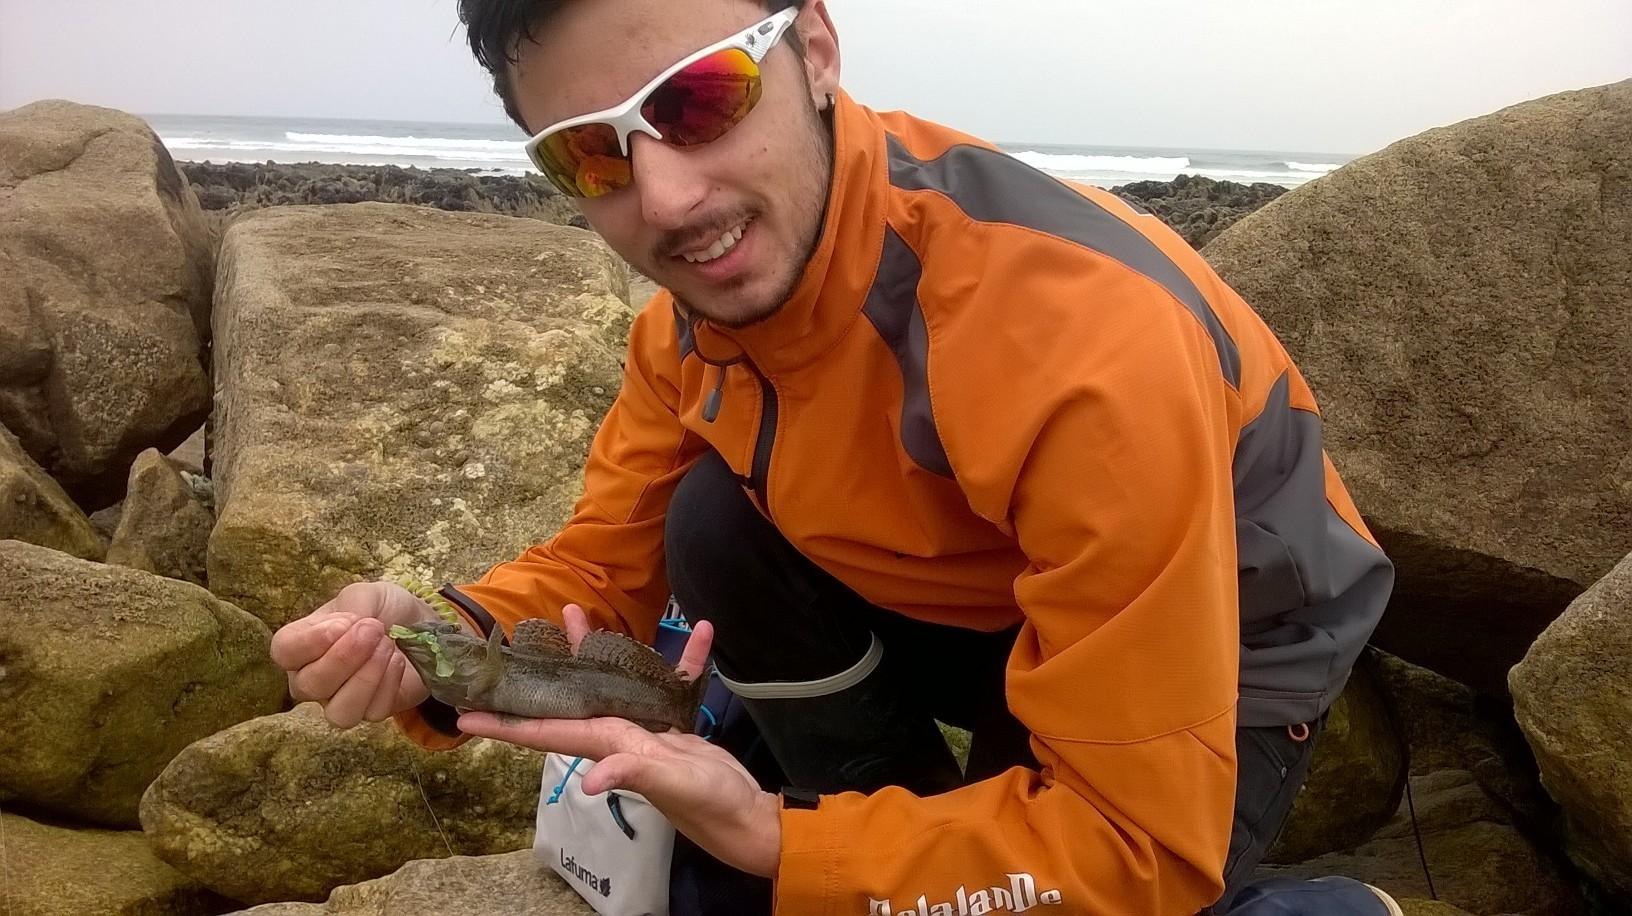 Le macadam rockfishing   !!!